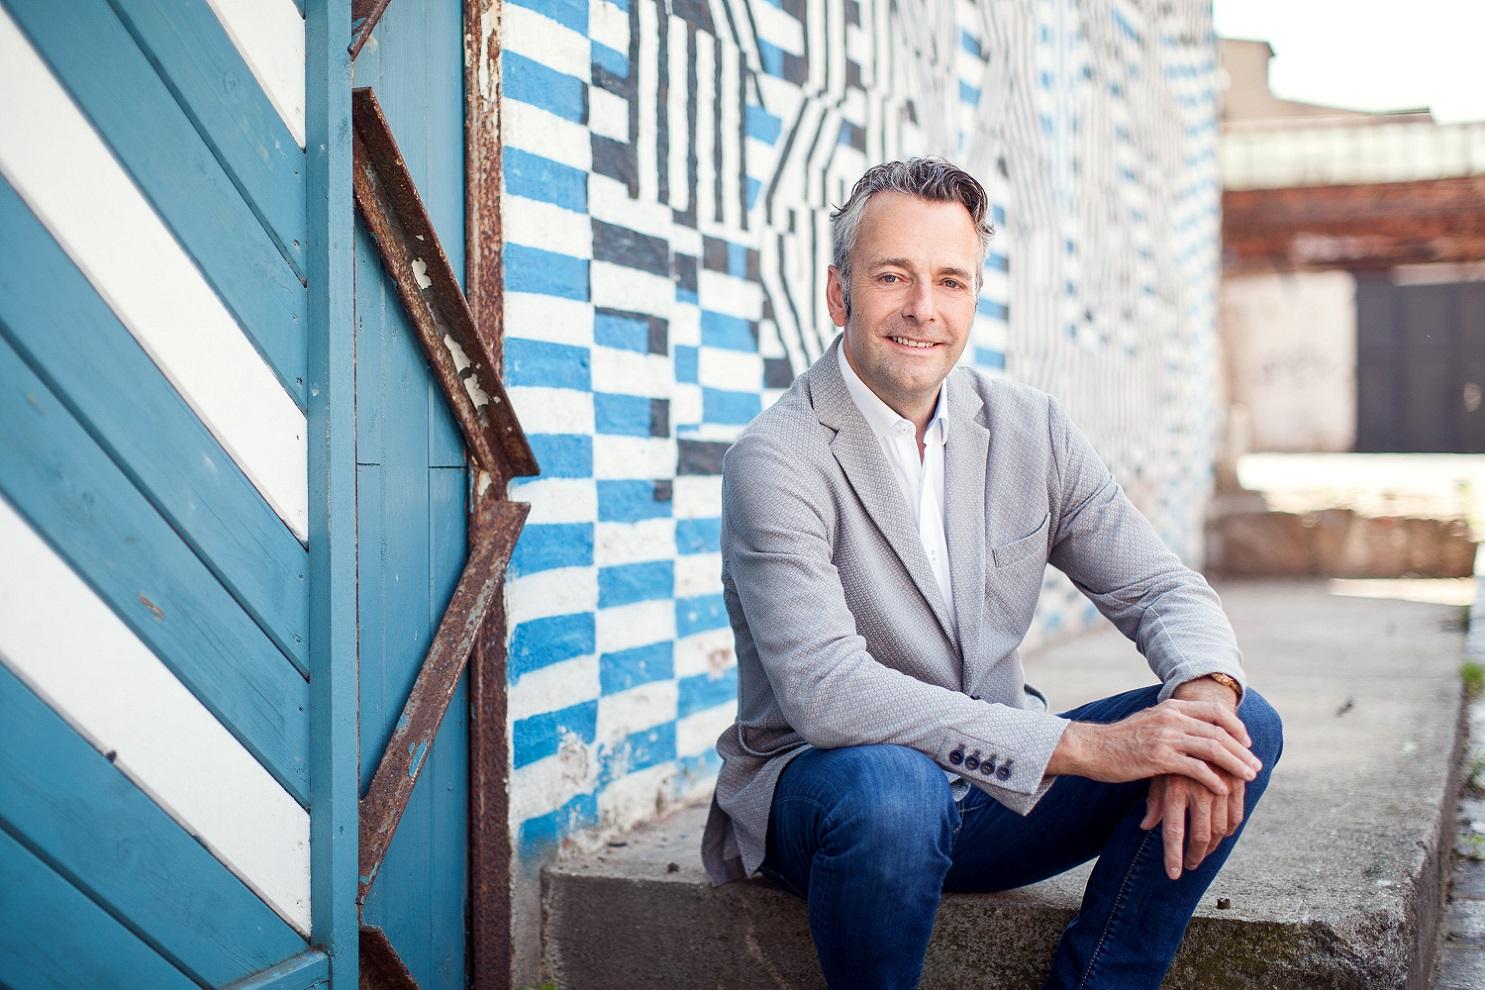 Herzhaft Willkommen Chance Wr Peter Sellers Mit Traditionellen Methoden Presseheft Mr